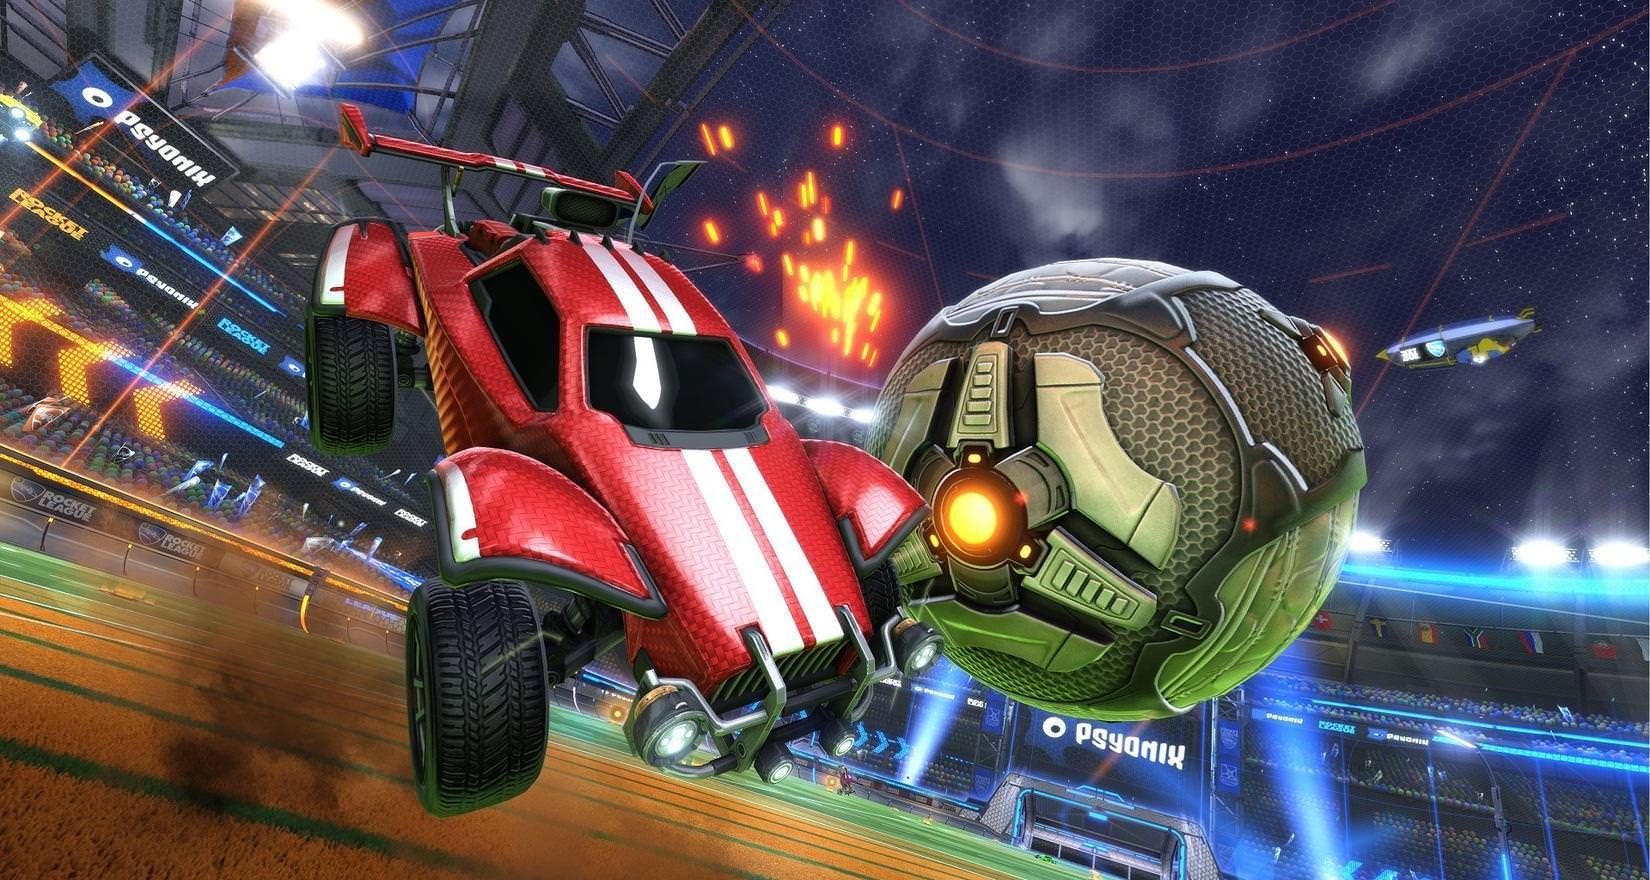 Epic is acquiring Rocket League developer Psyonix